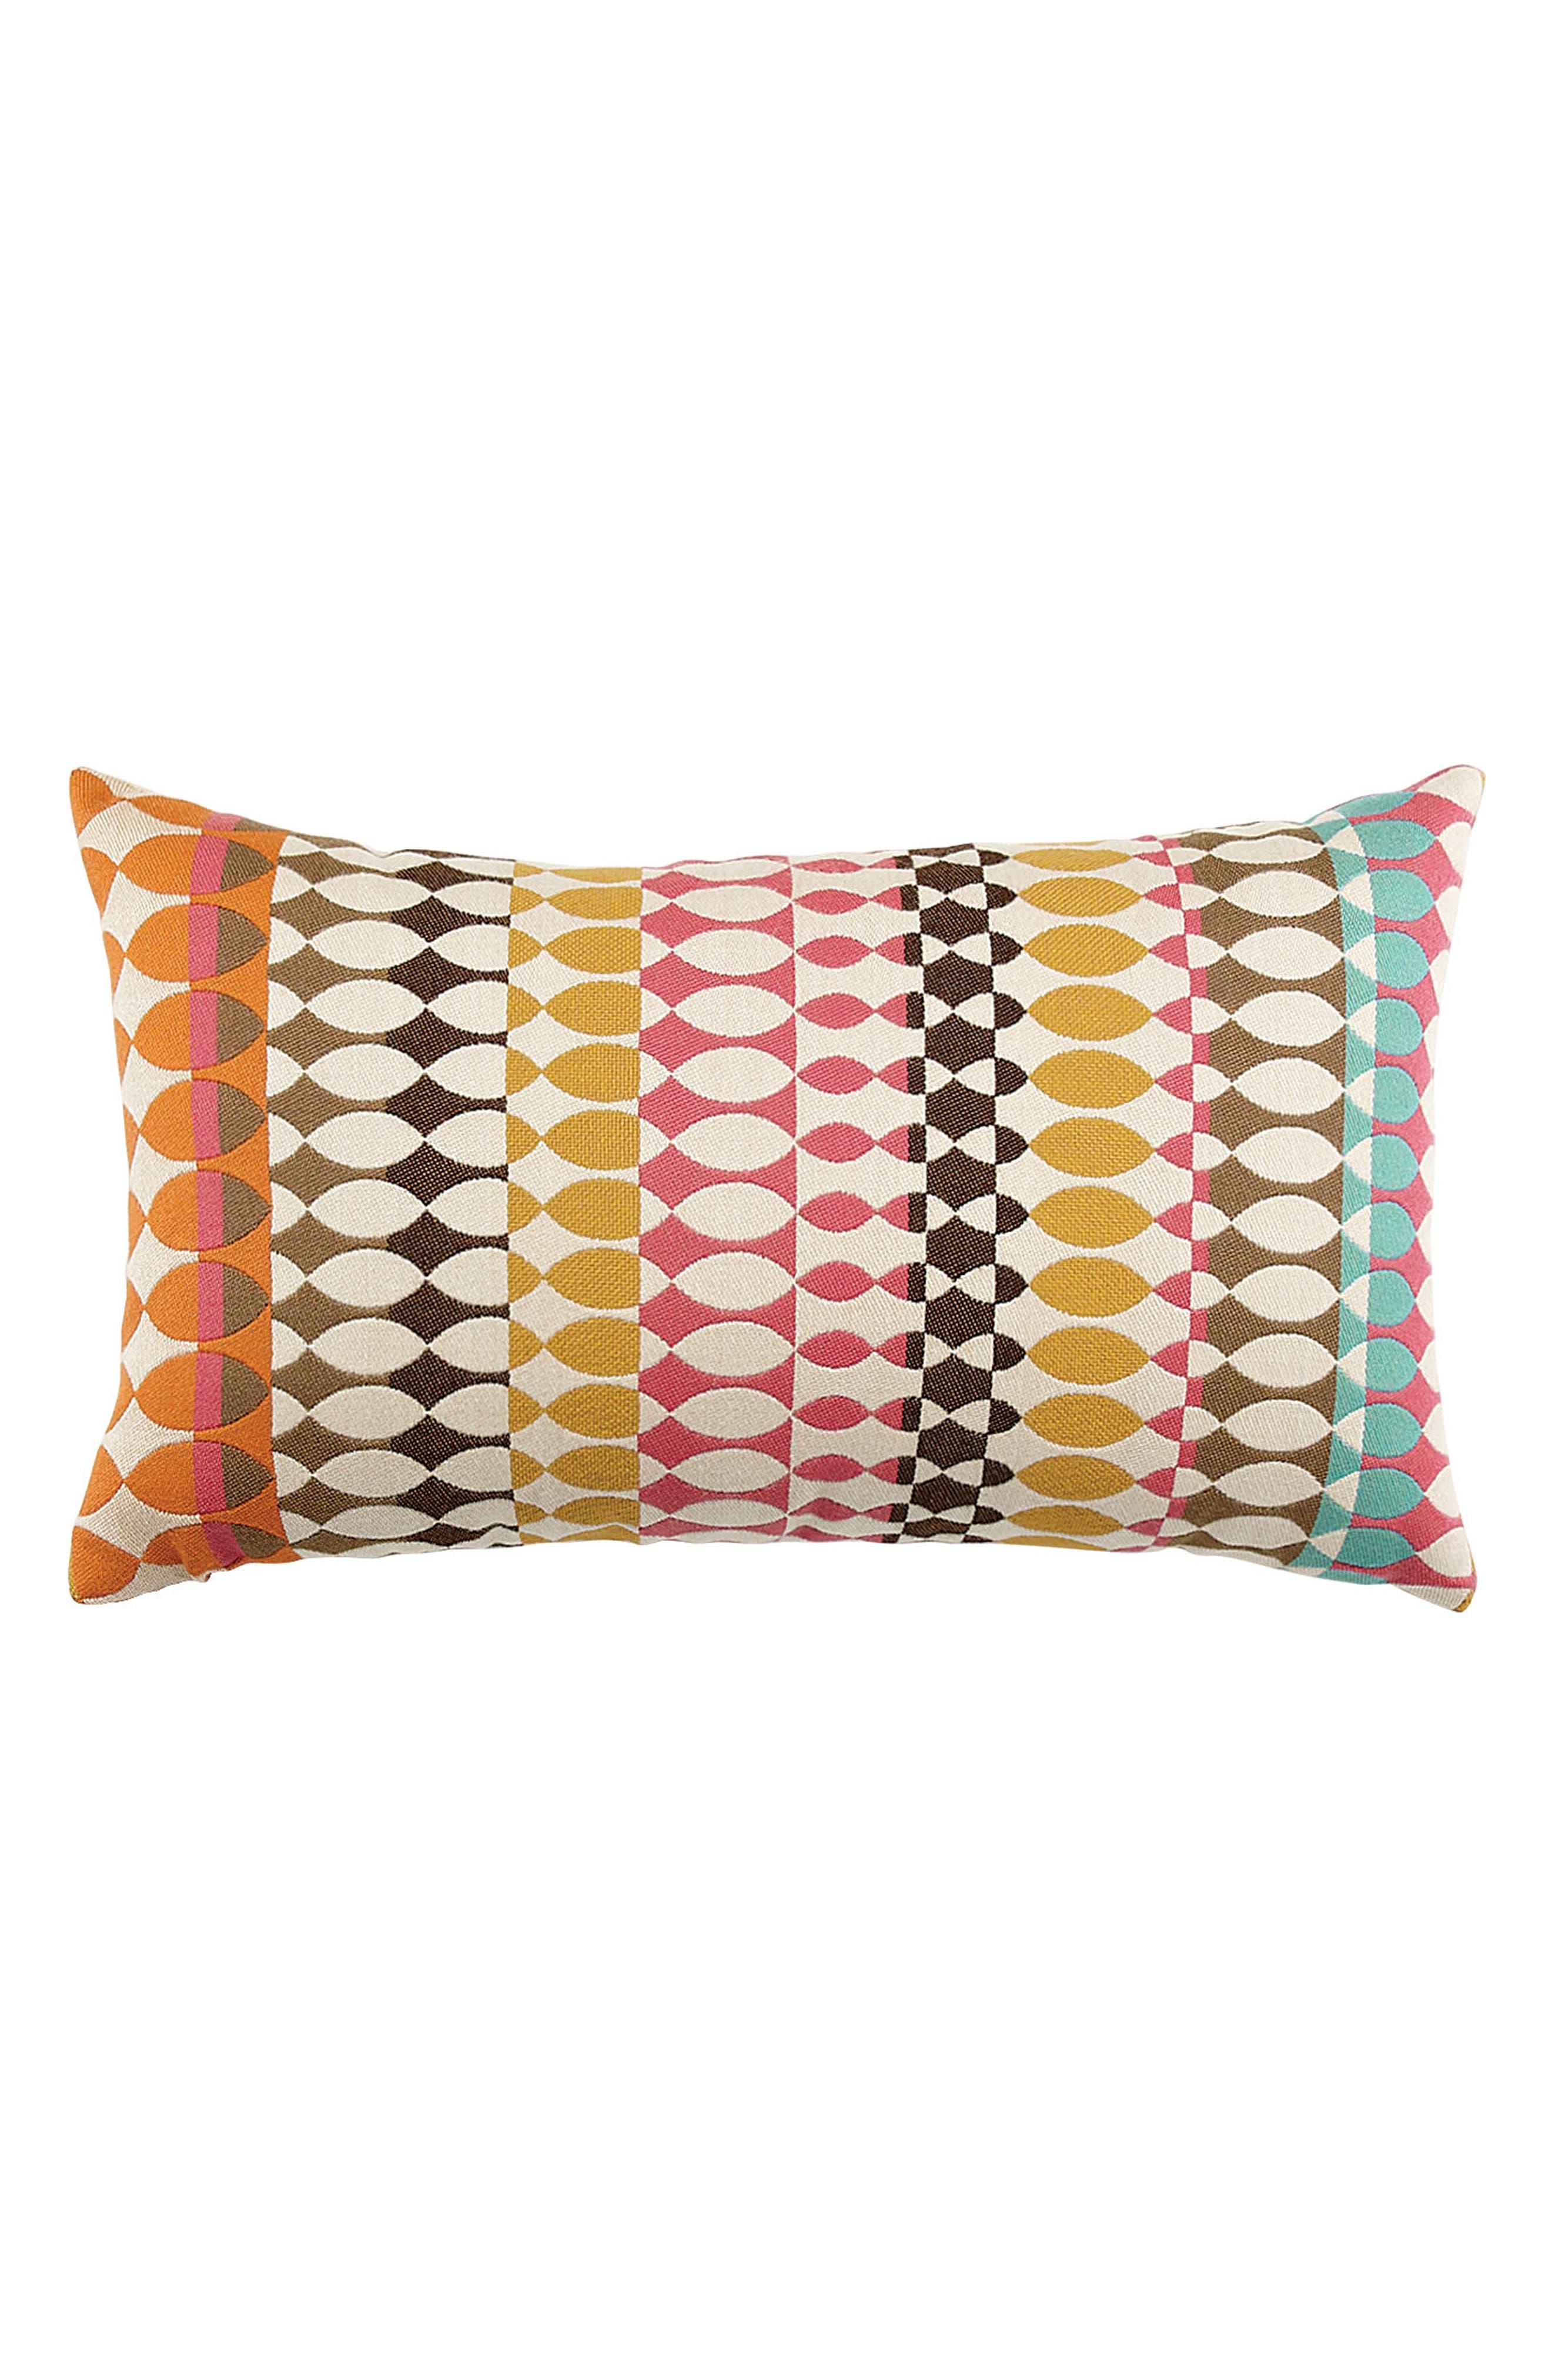 Modern Oval Candy Lumbar Pillow,                             Main thumbnail 1, color,                             650